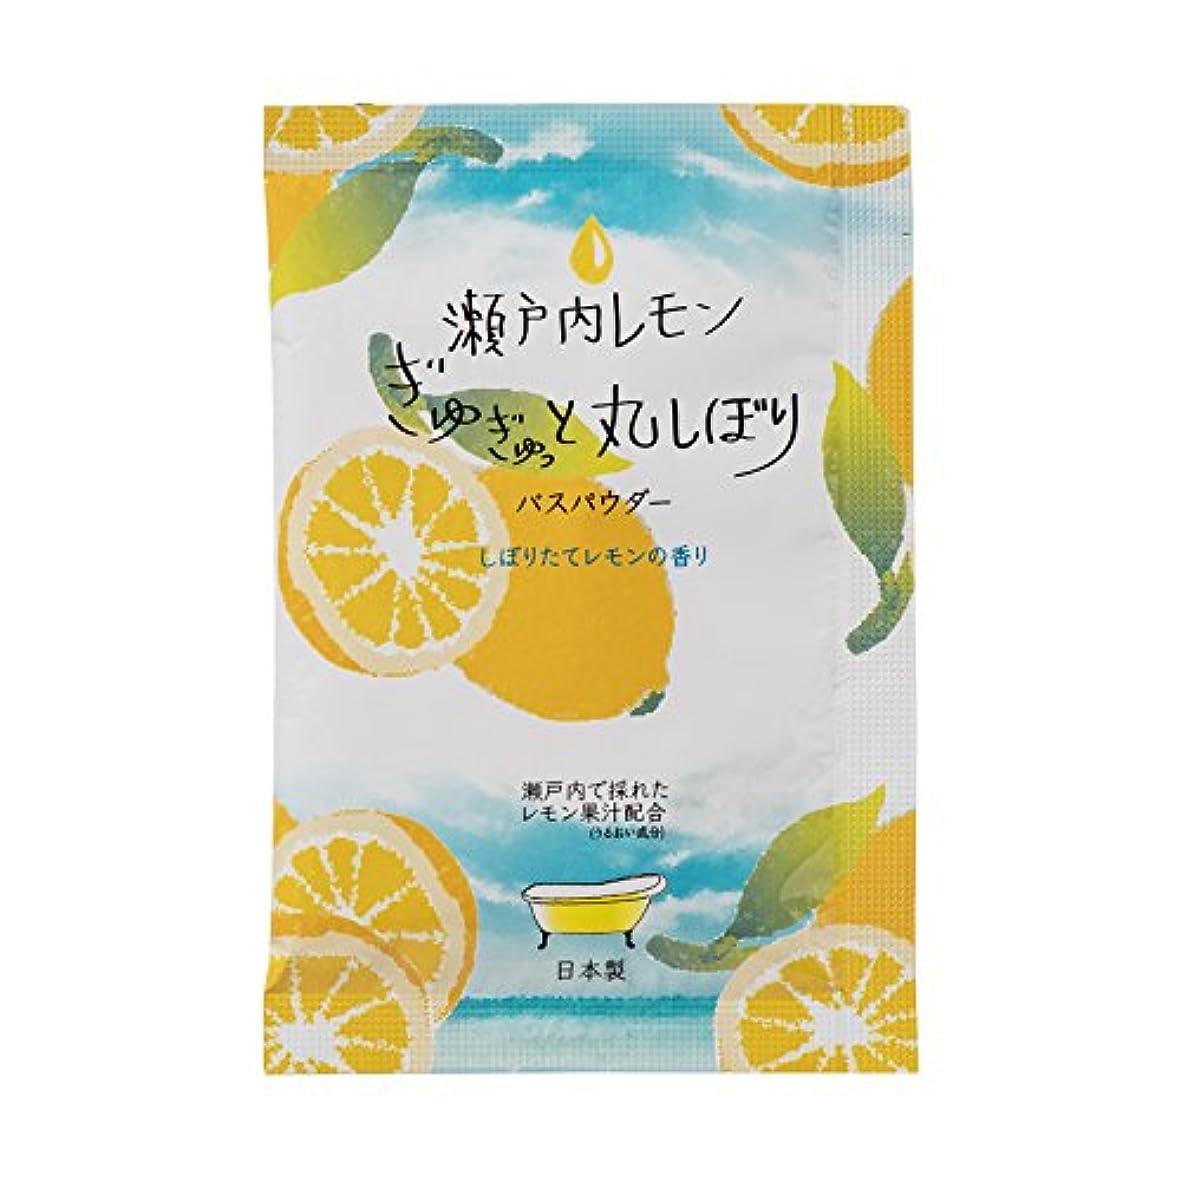 ヒステリック暗記するリフトリッチバスパウダー(瀬戸内レモンの香り)× 40個